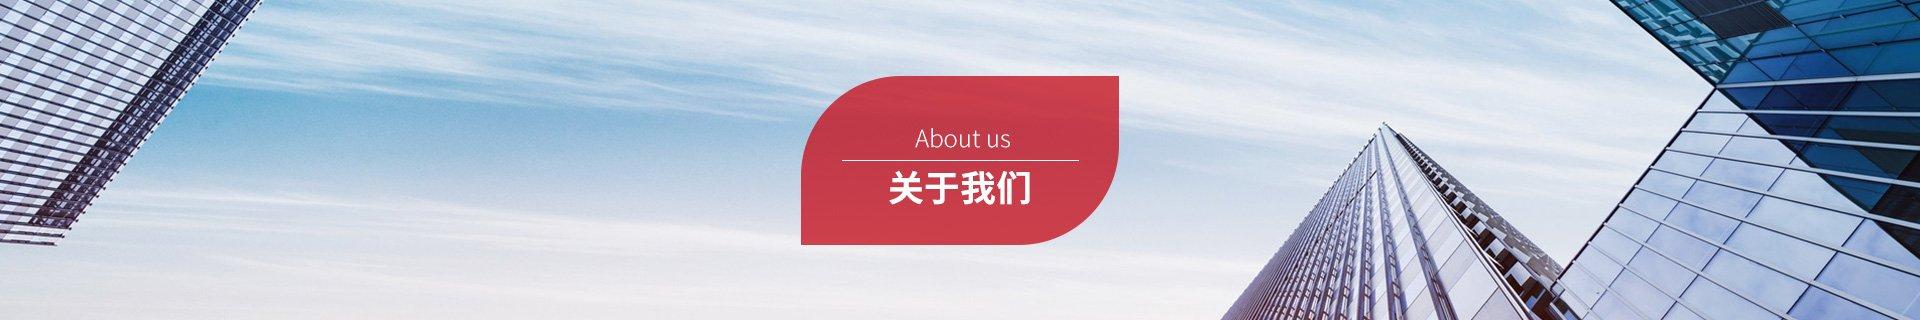 重庆木质防火门厂家代理